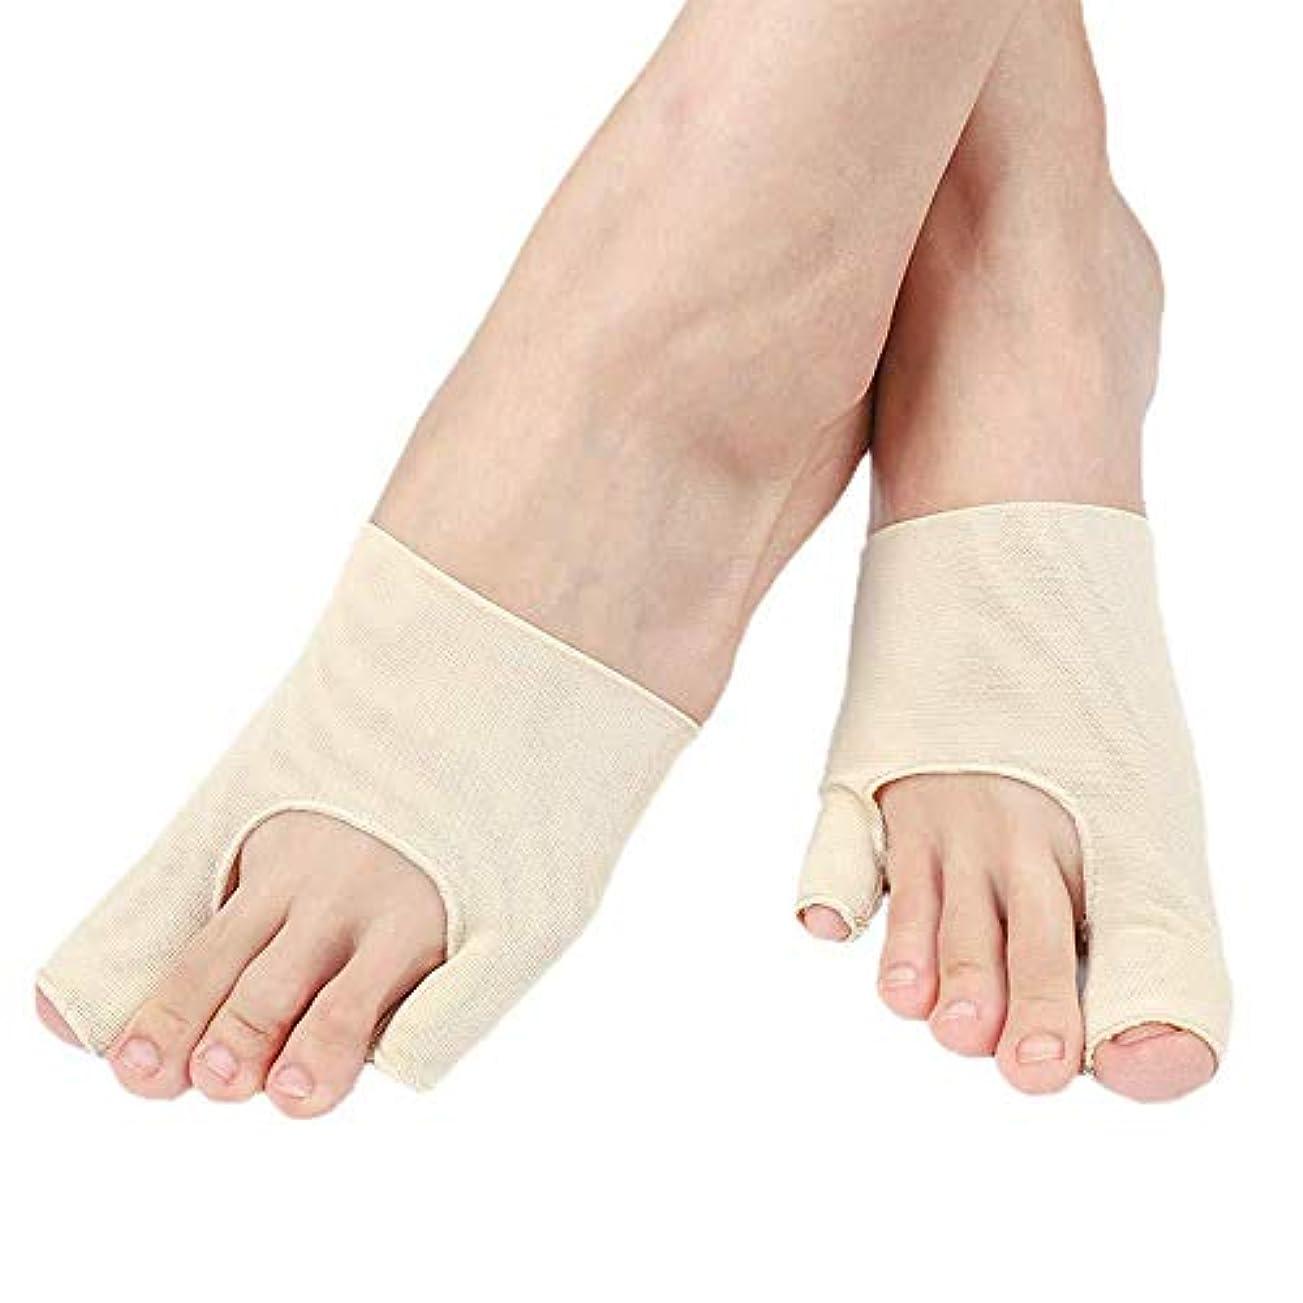 酸っぱい特別にハブつま先セパレーター、Orthoticsの足の親指の矯正、つま先の痛み緩和スリーブ、外反母painの痛みを緩和するための組み込みシリコンゲルパッド,L